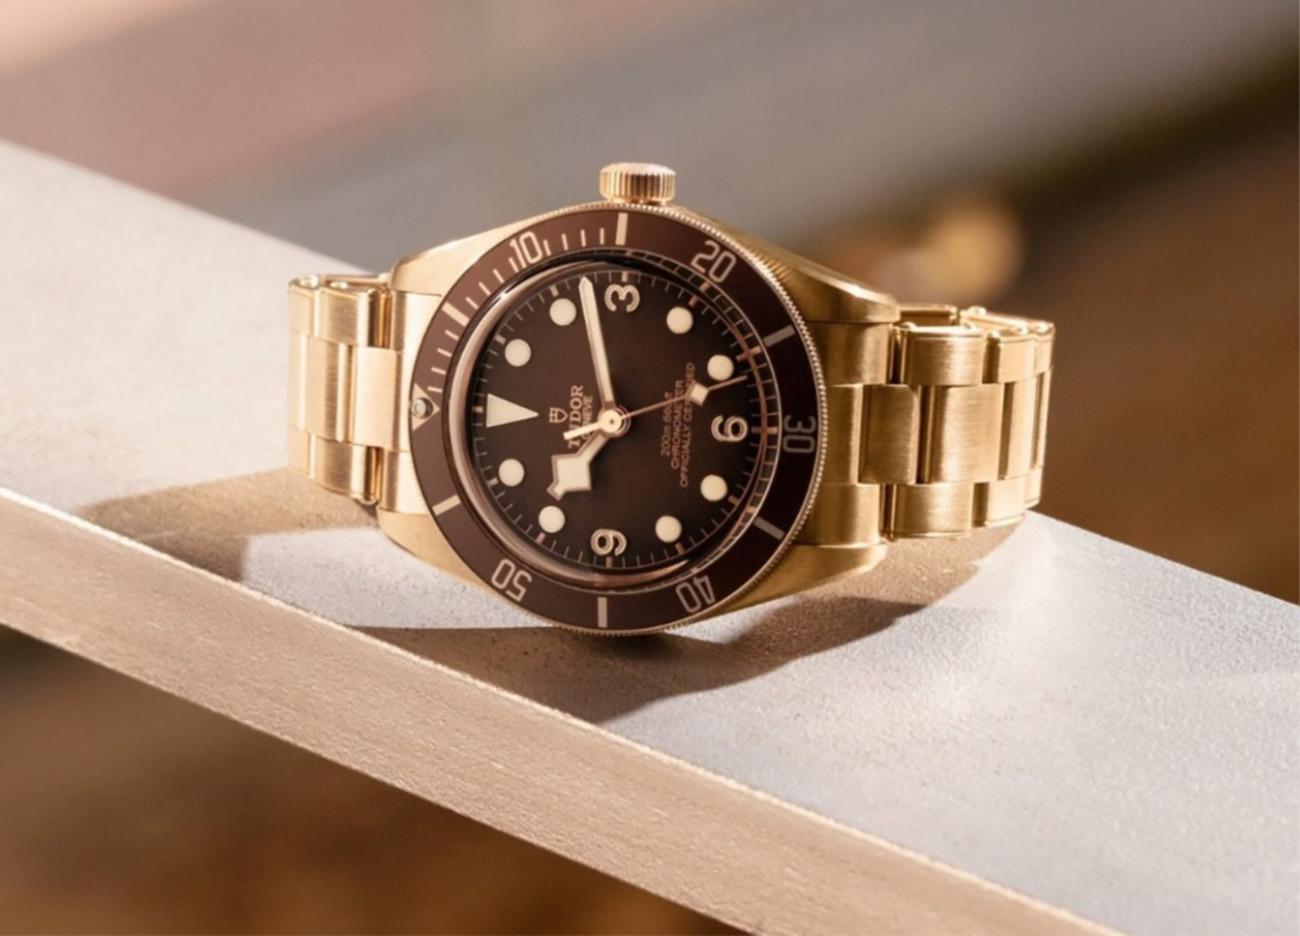 Η Tudor μόλις κυκλοφόρησε το ωραιότερο μπρούτζινο ρολόι του 2021